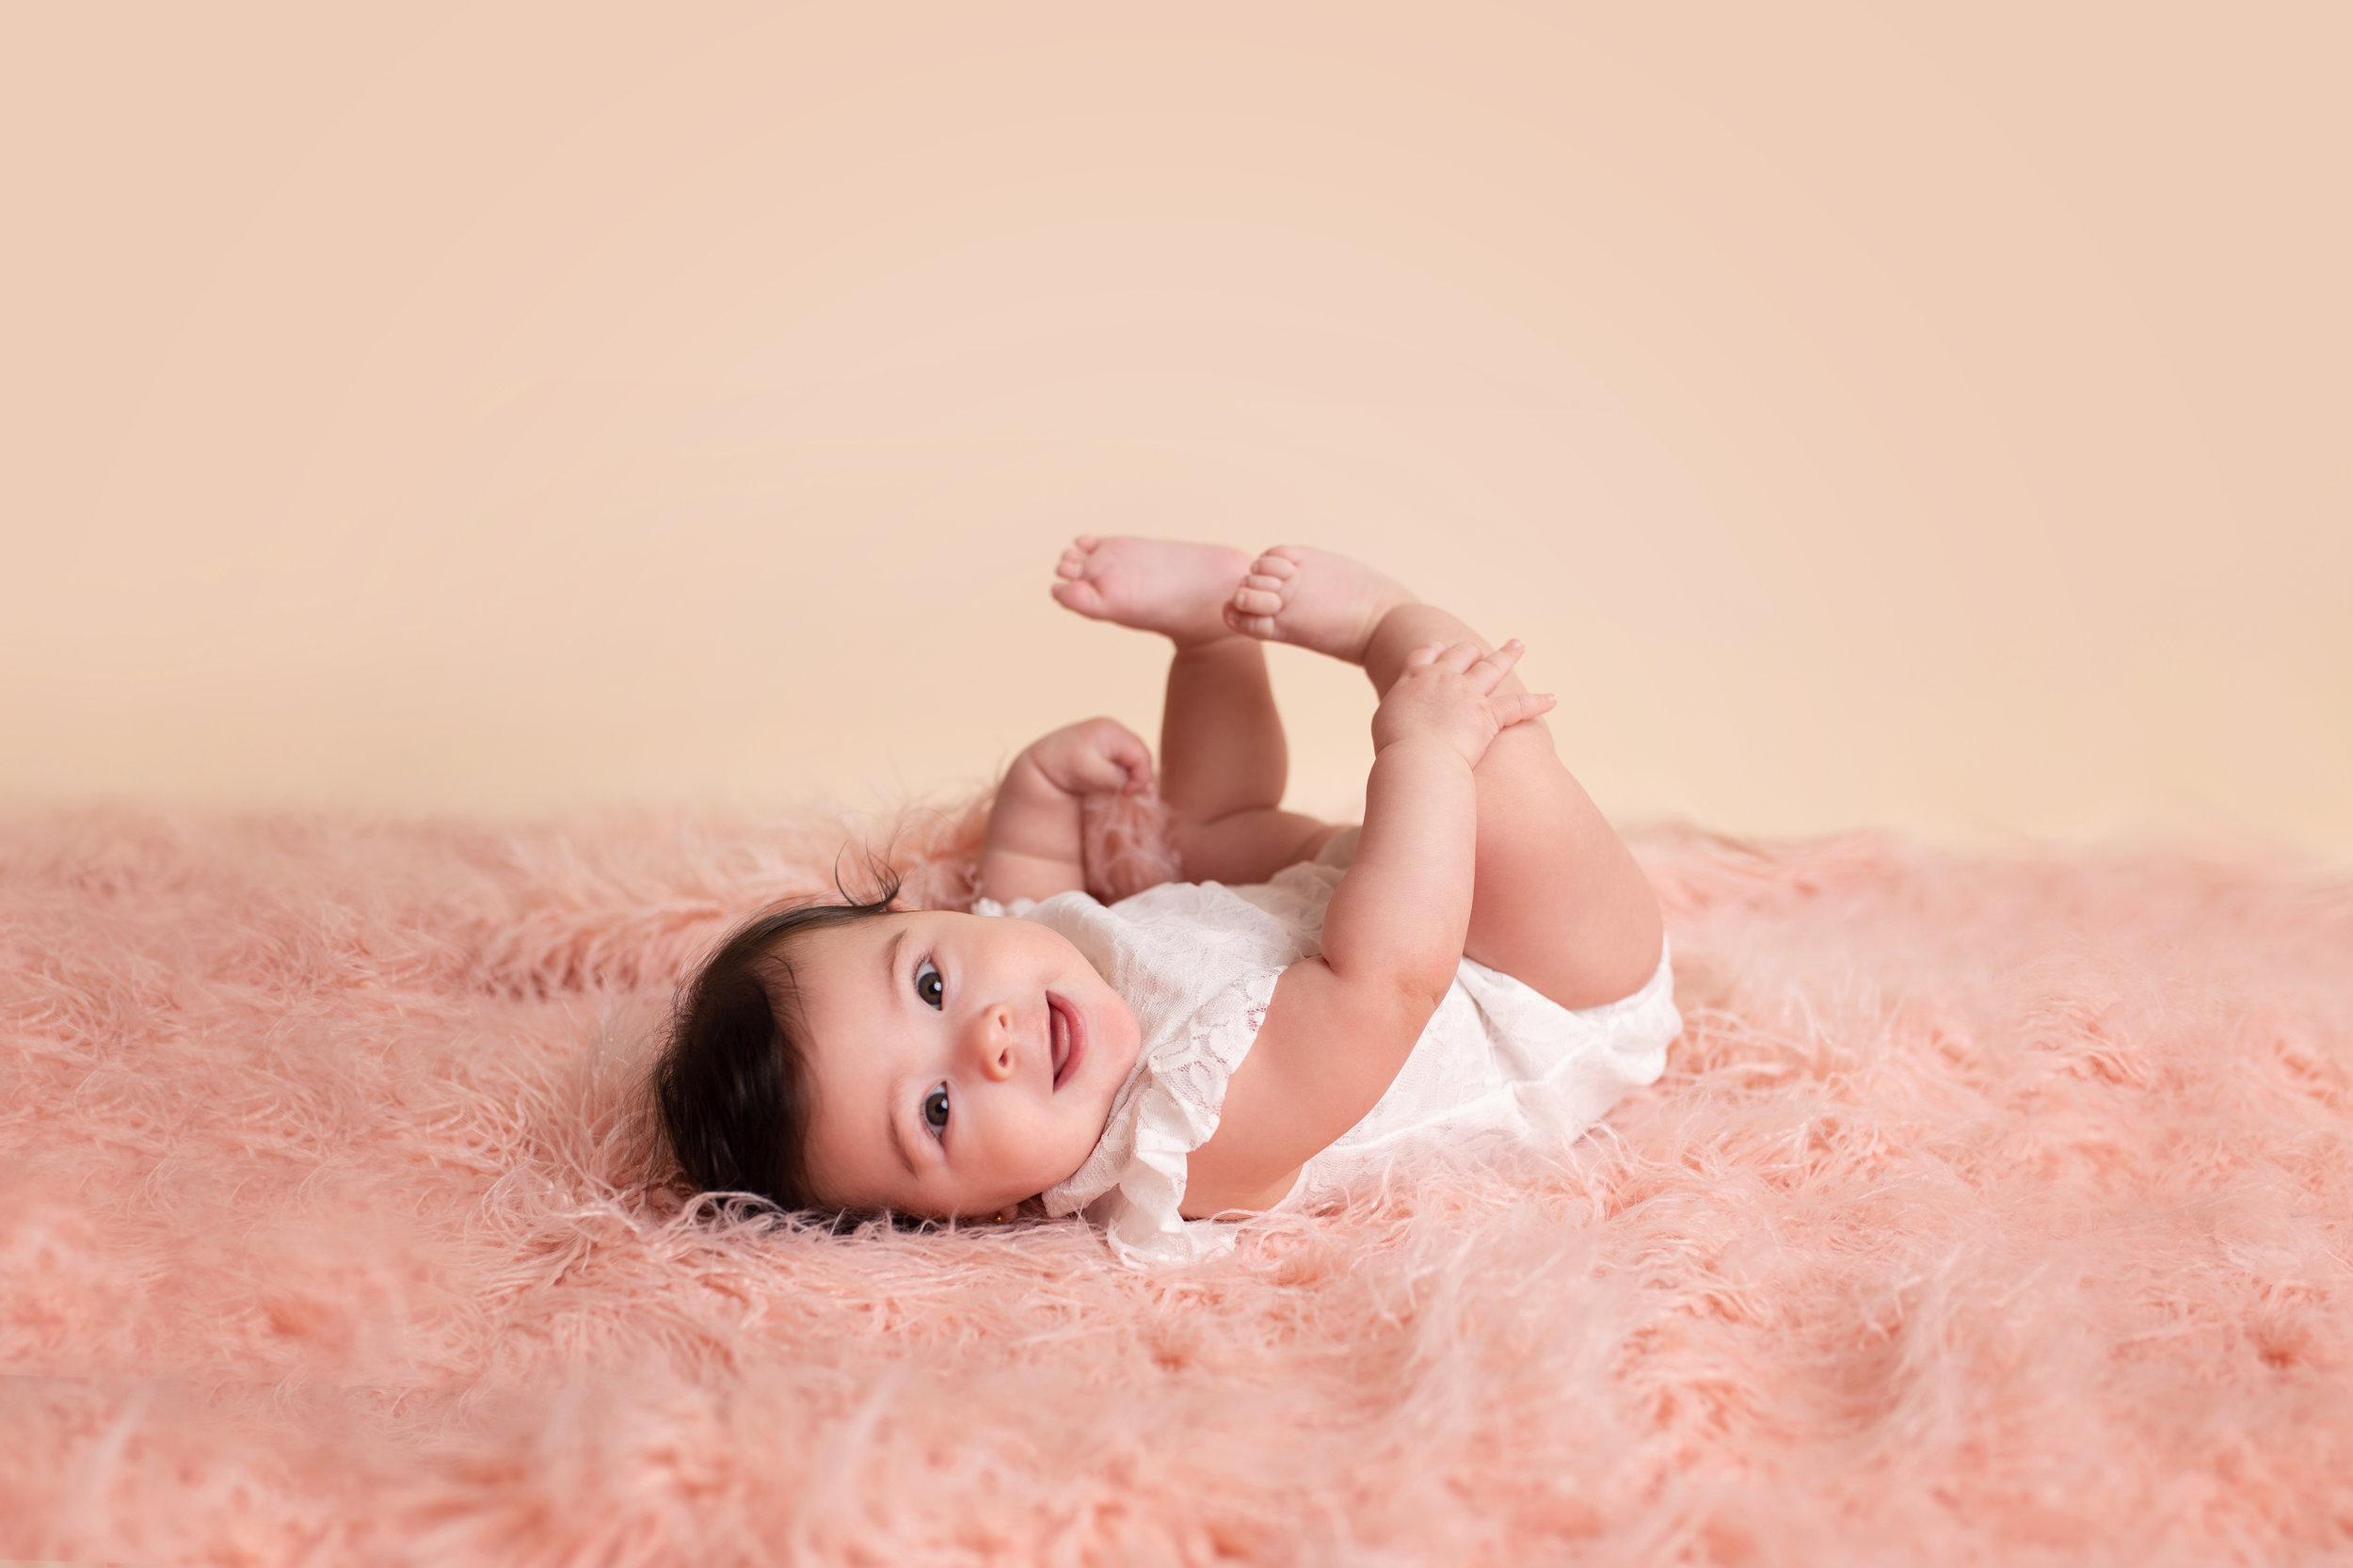 anchorage-newborn-photography-7.jpg